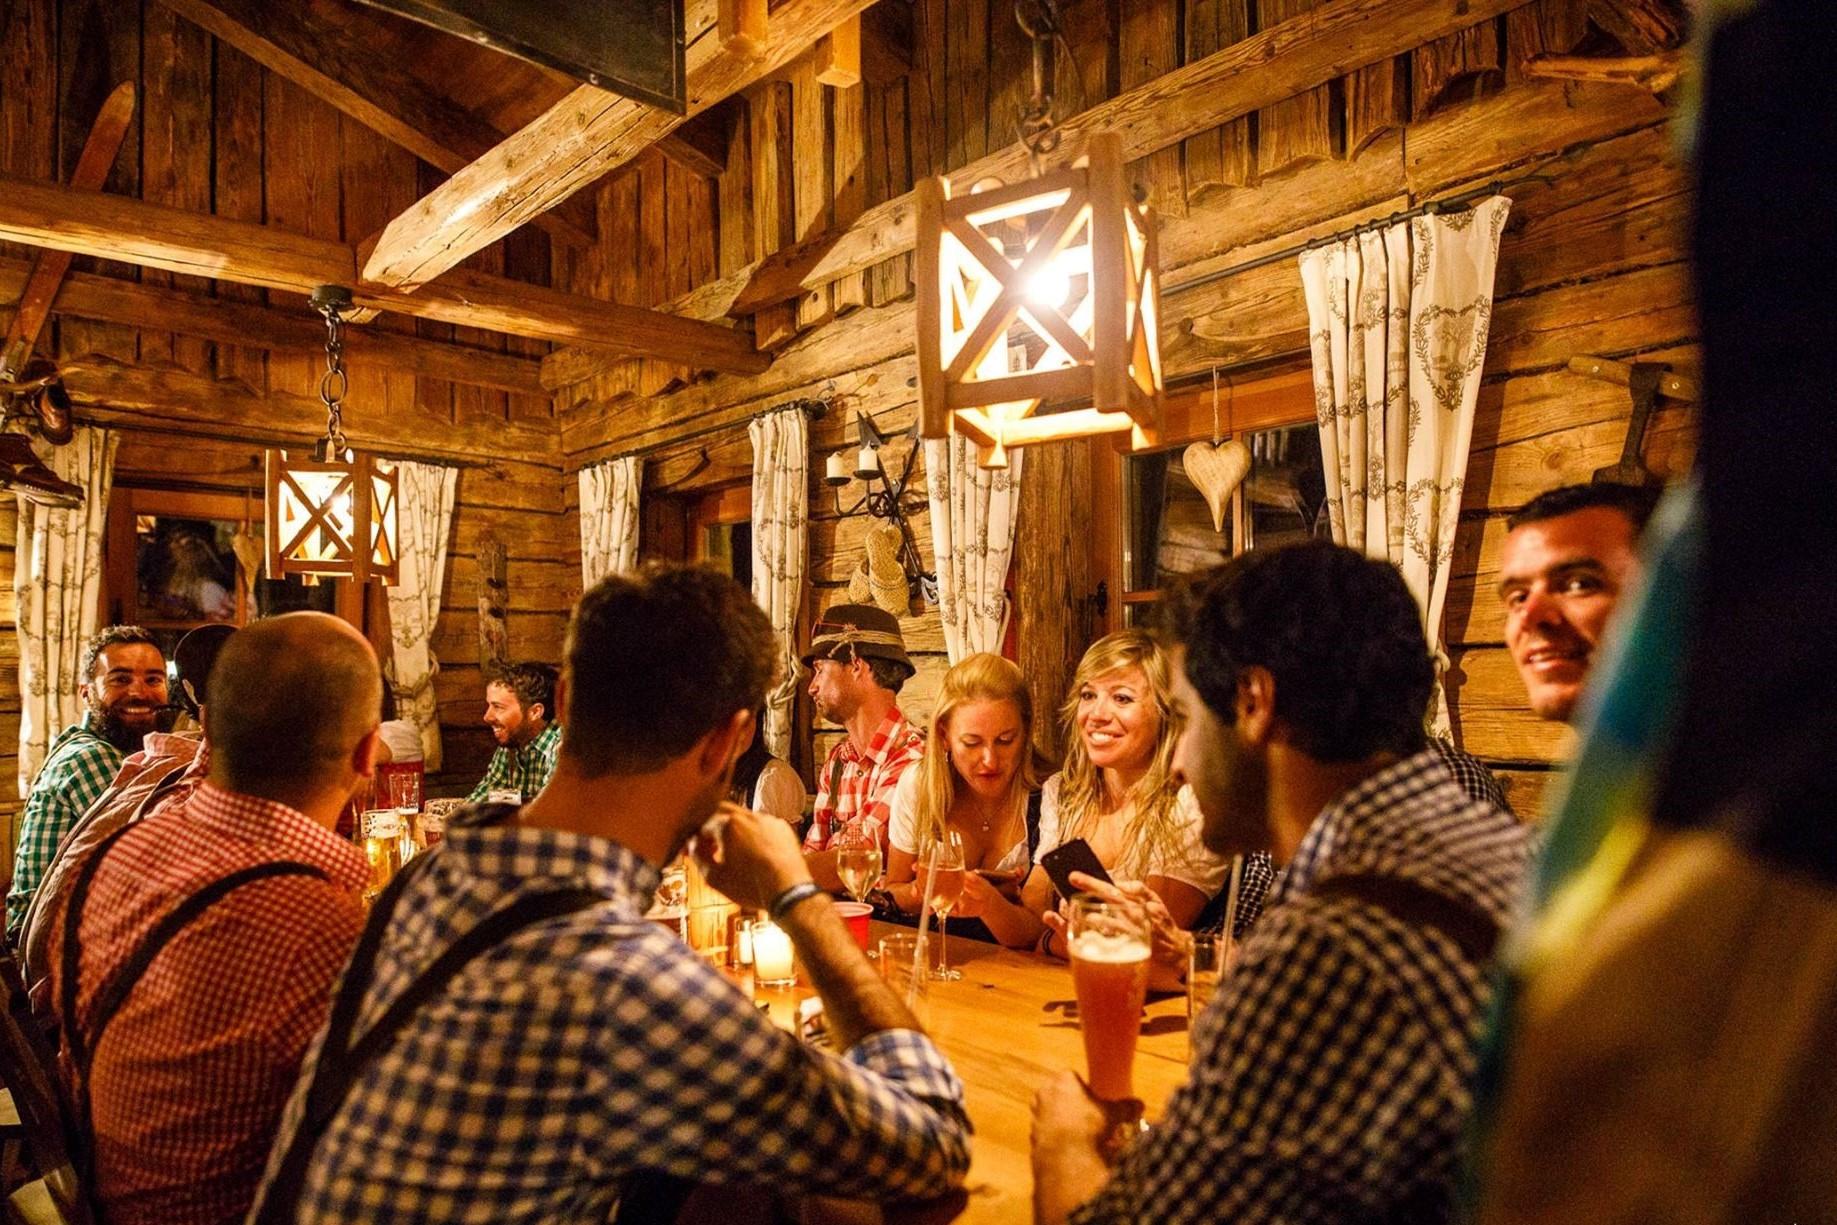 GEZELLIG TAFELEN#Traditioneel tafelen met vrienden en familie